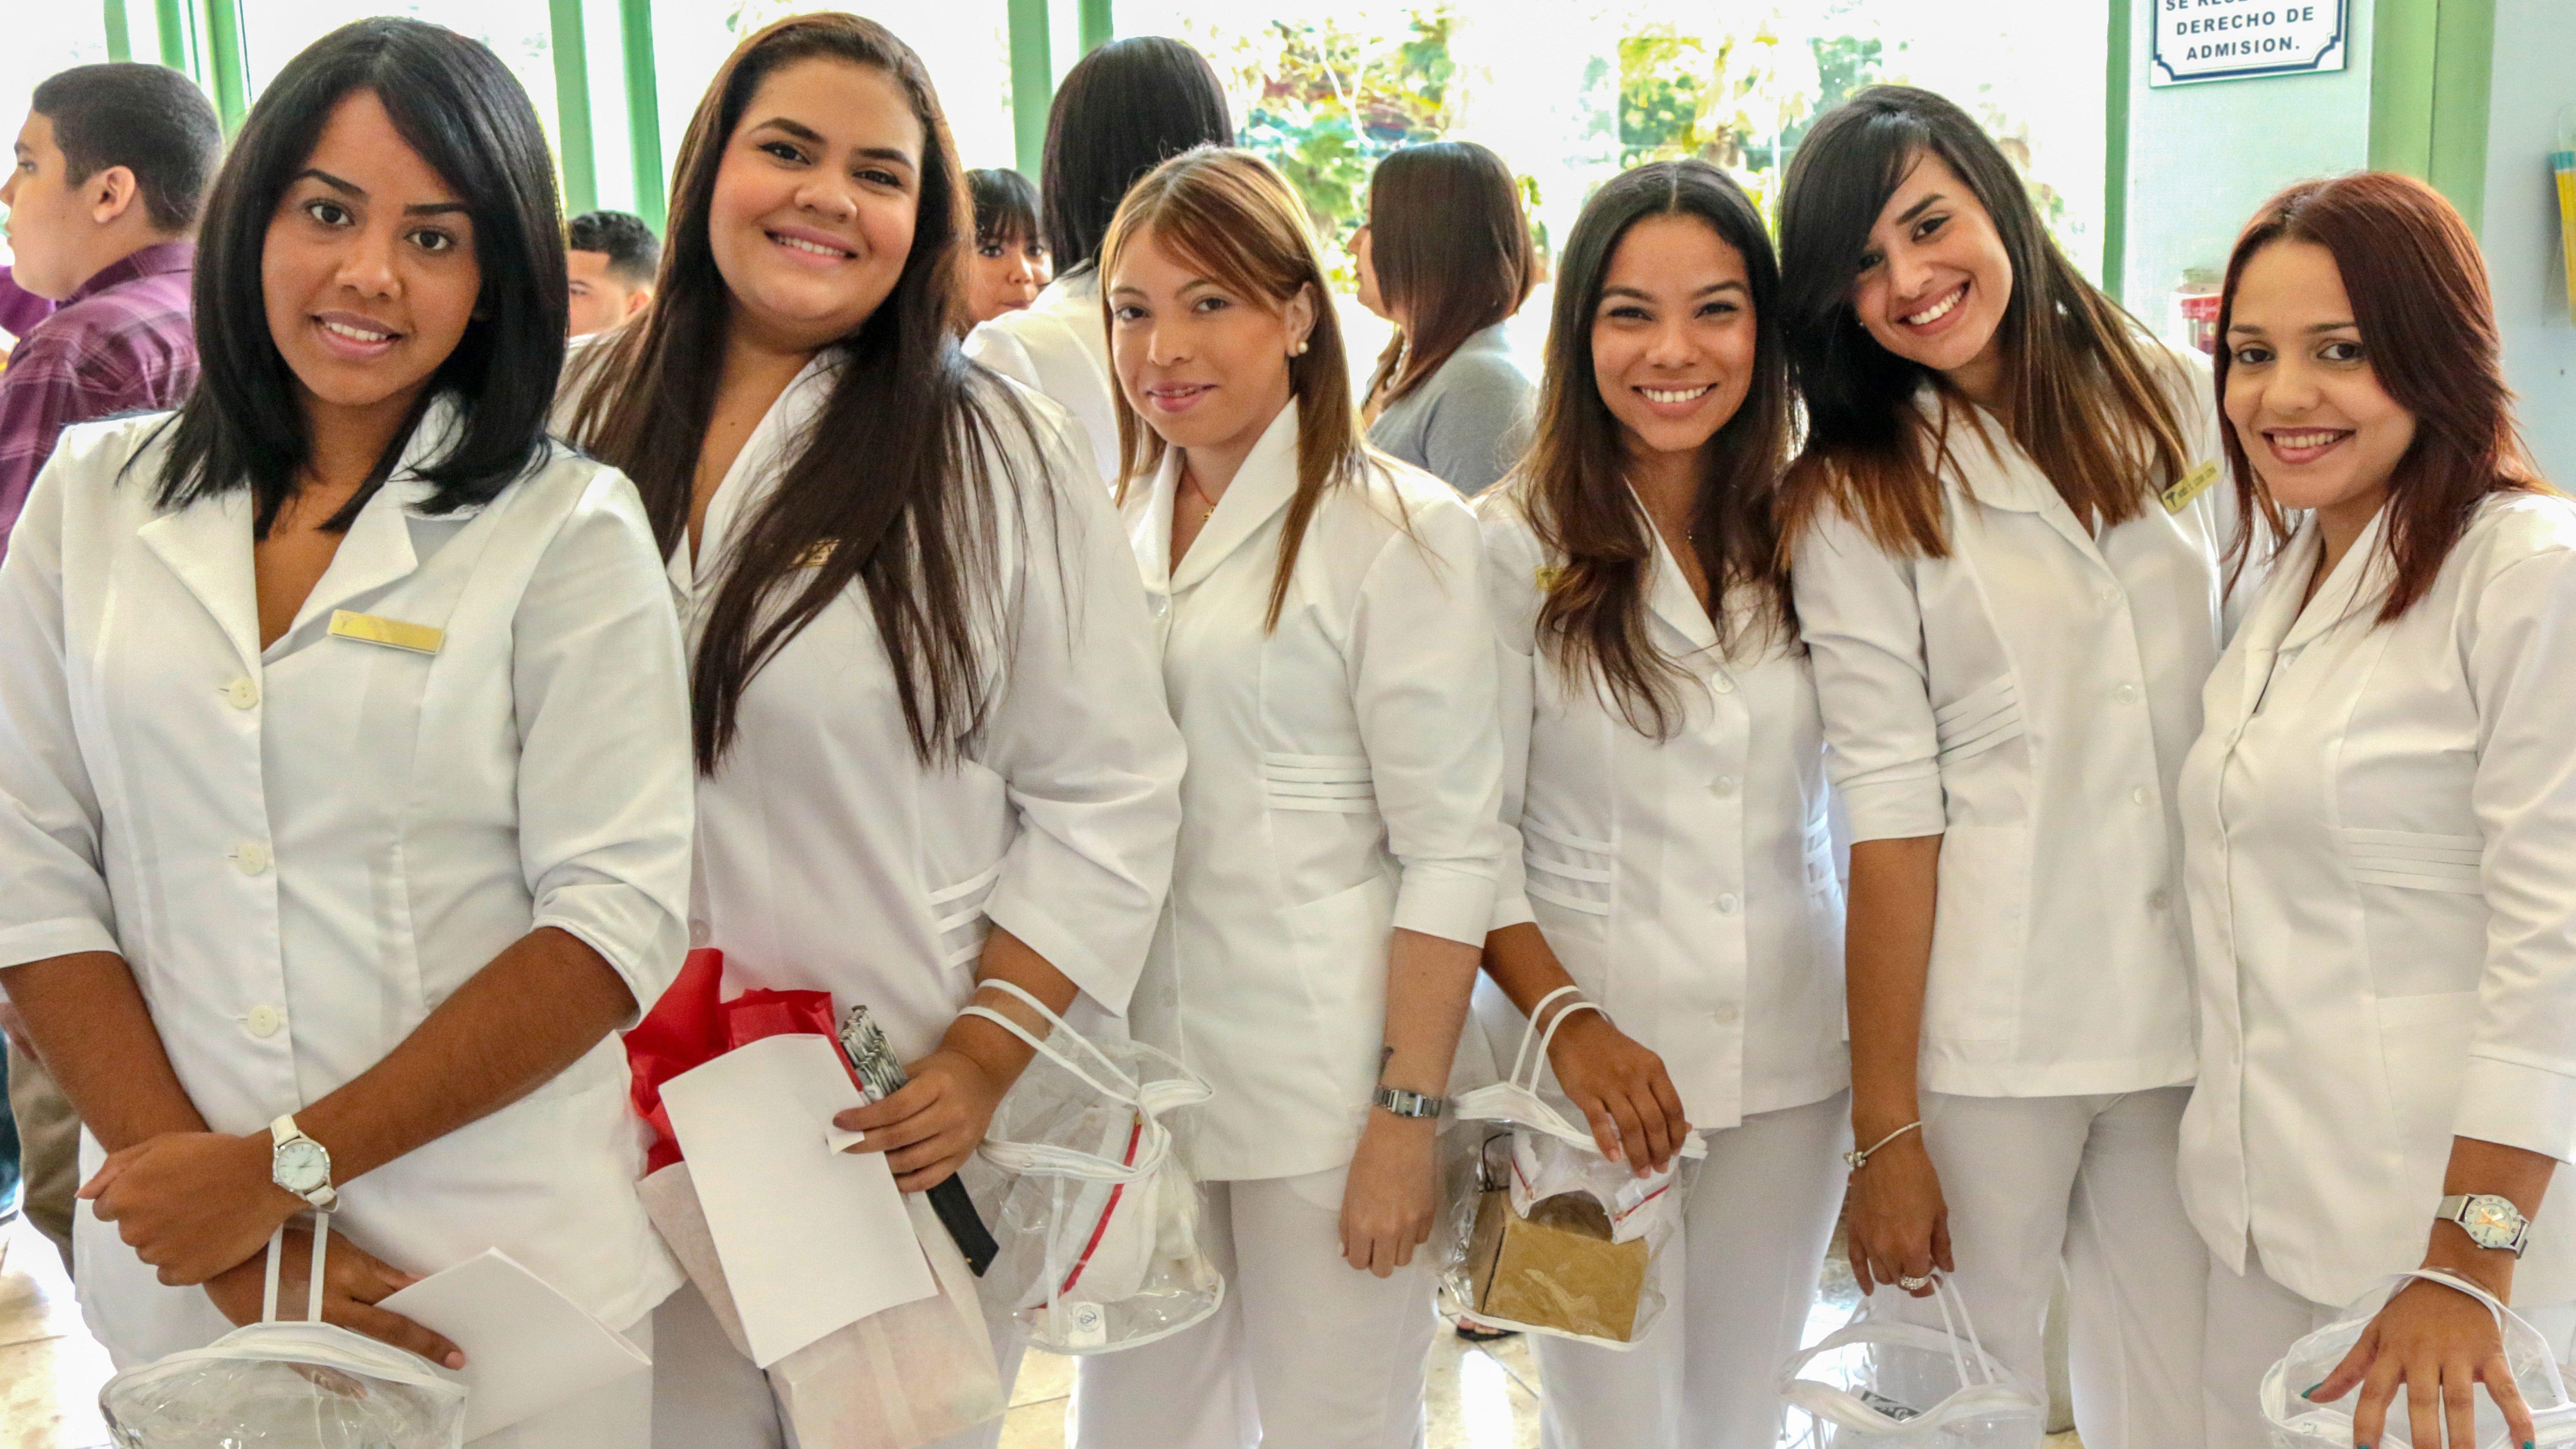 Ceremonia de Iniciación a la Profesión de Enfermería